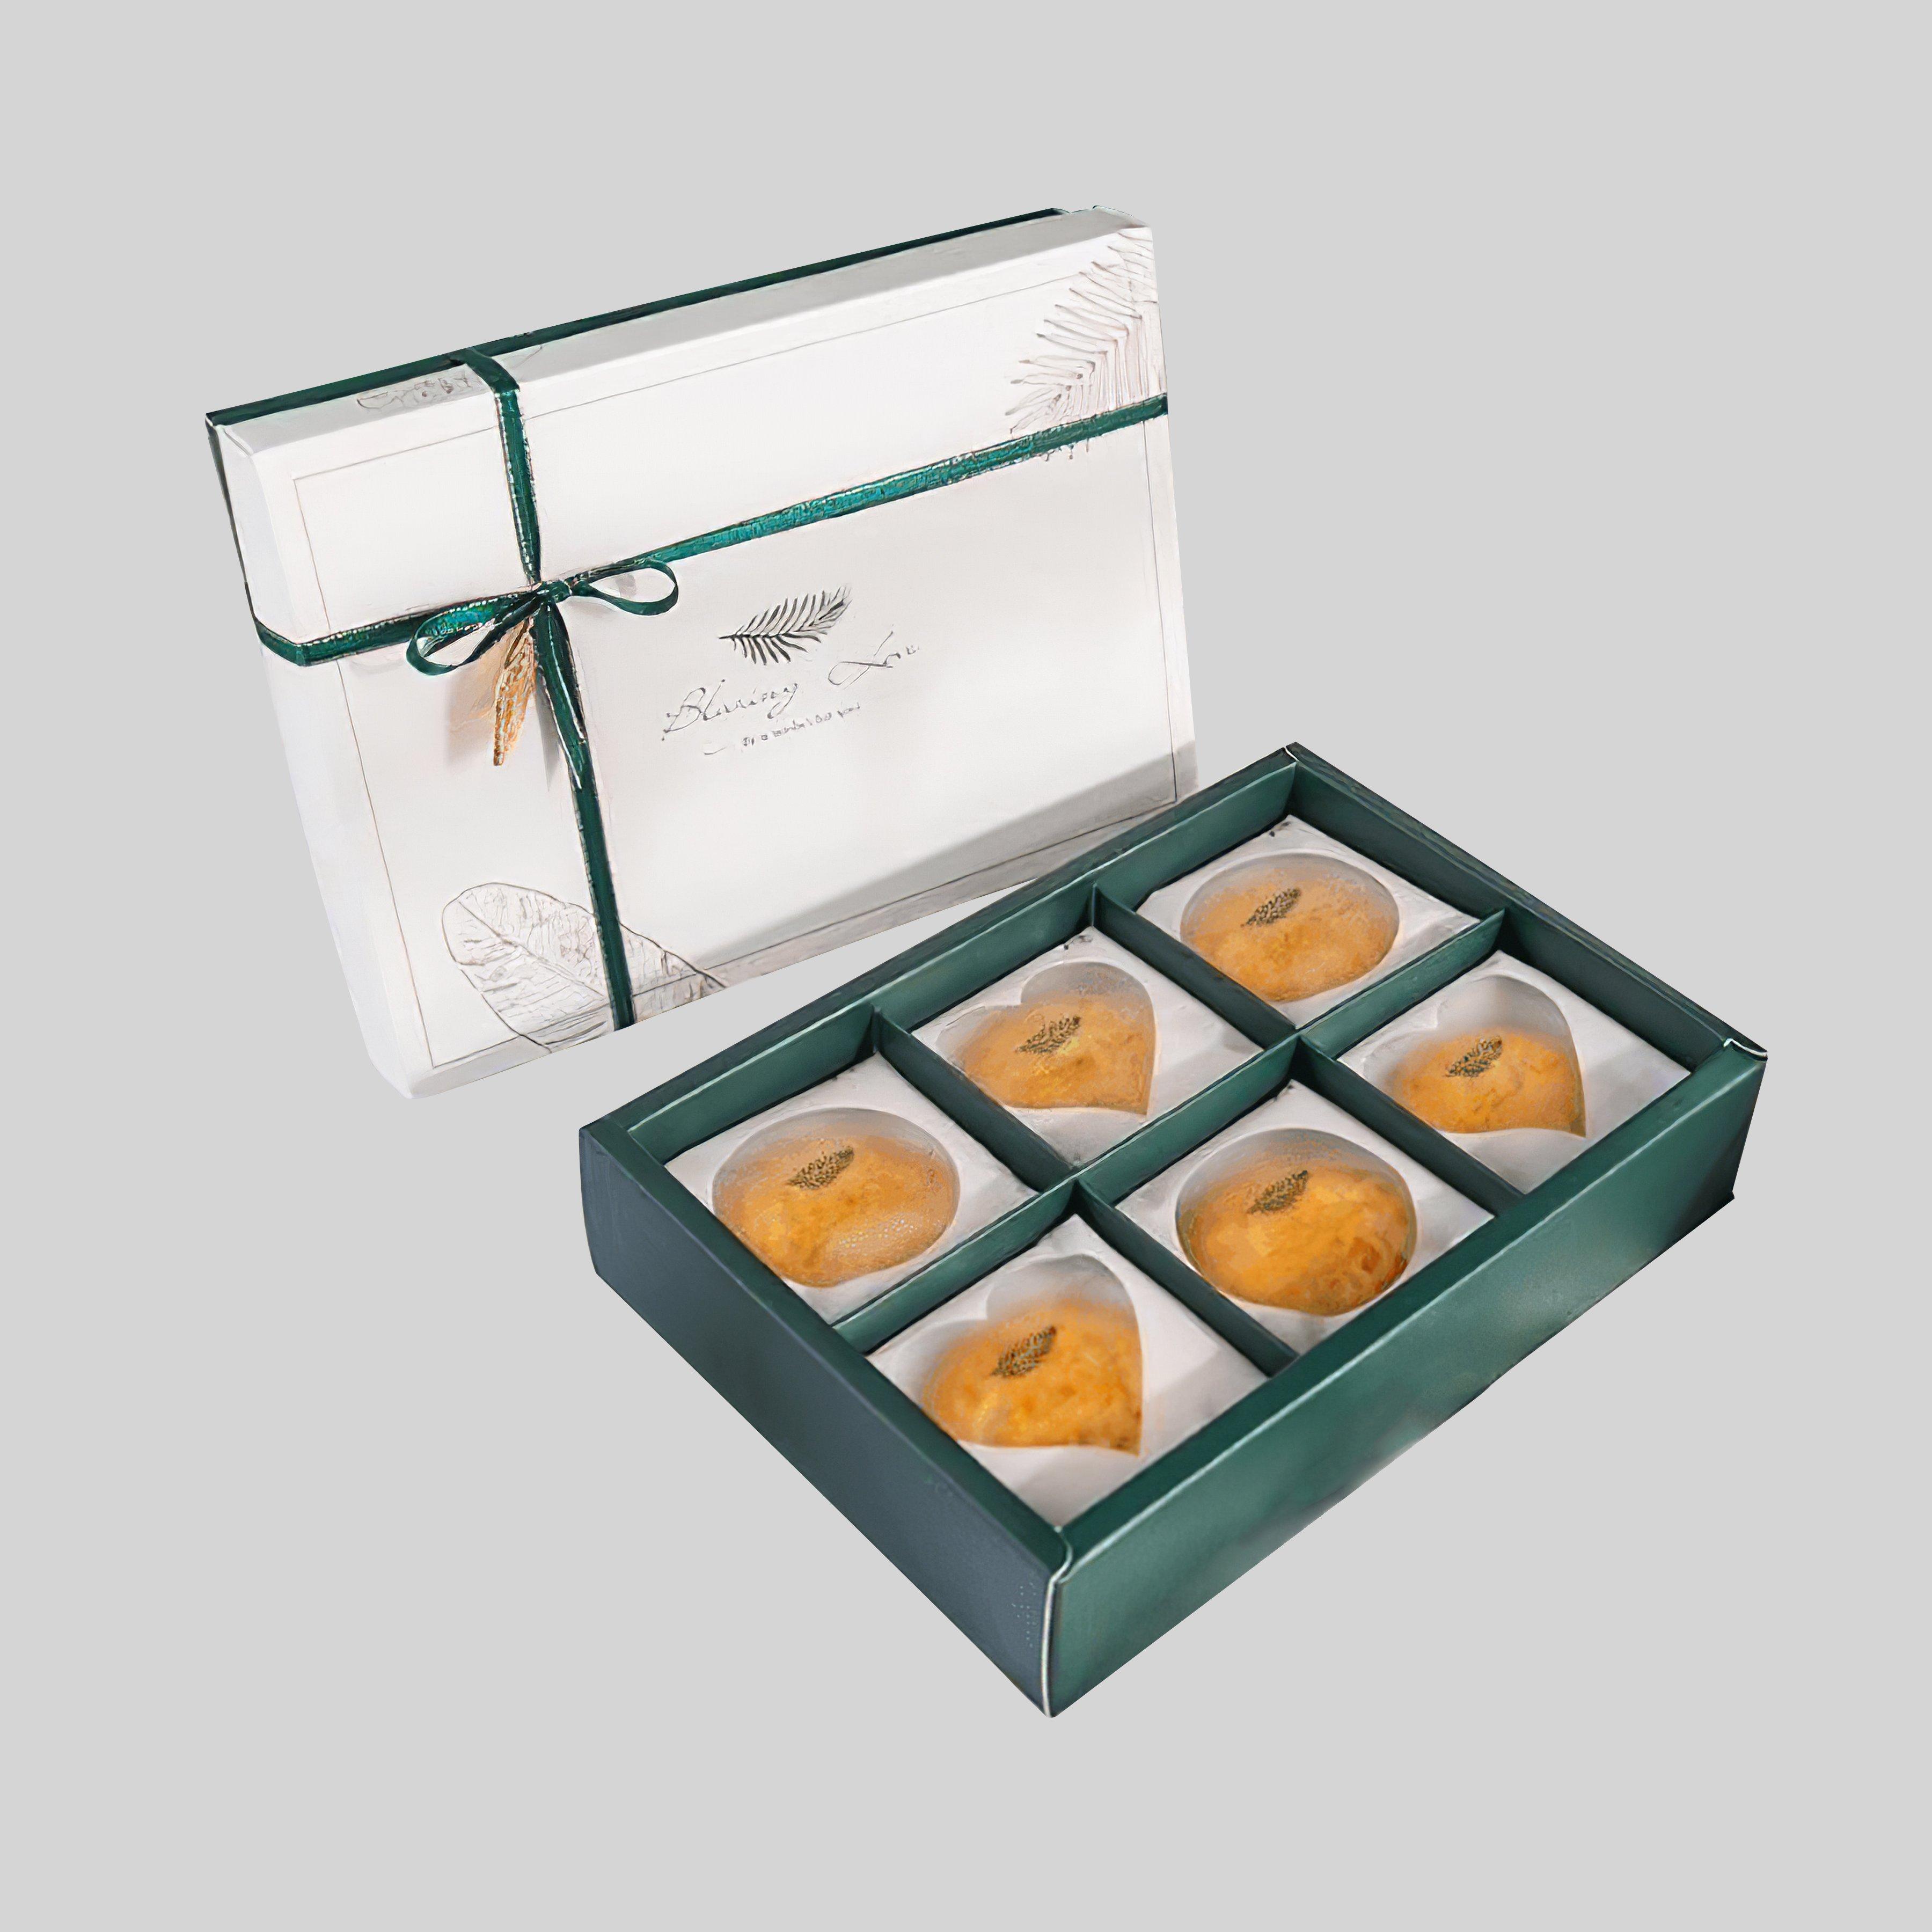 In hộp bánh trung thu giấy Ivory hộp âm dương 6 bánh